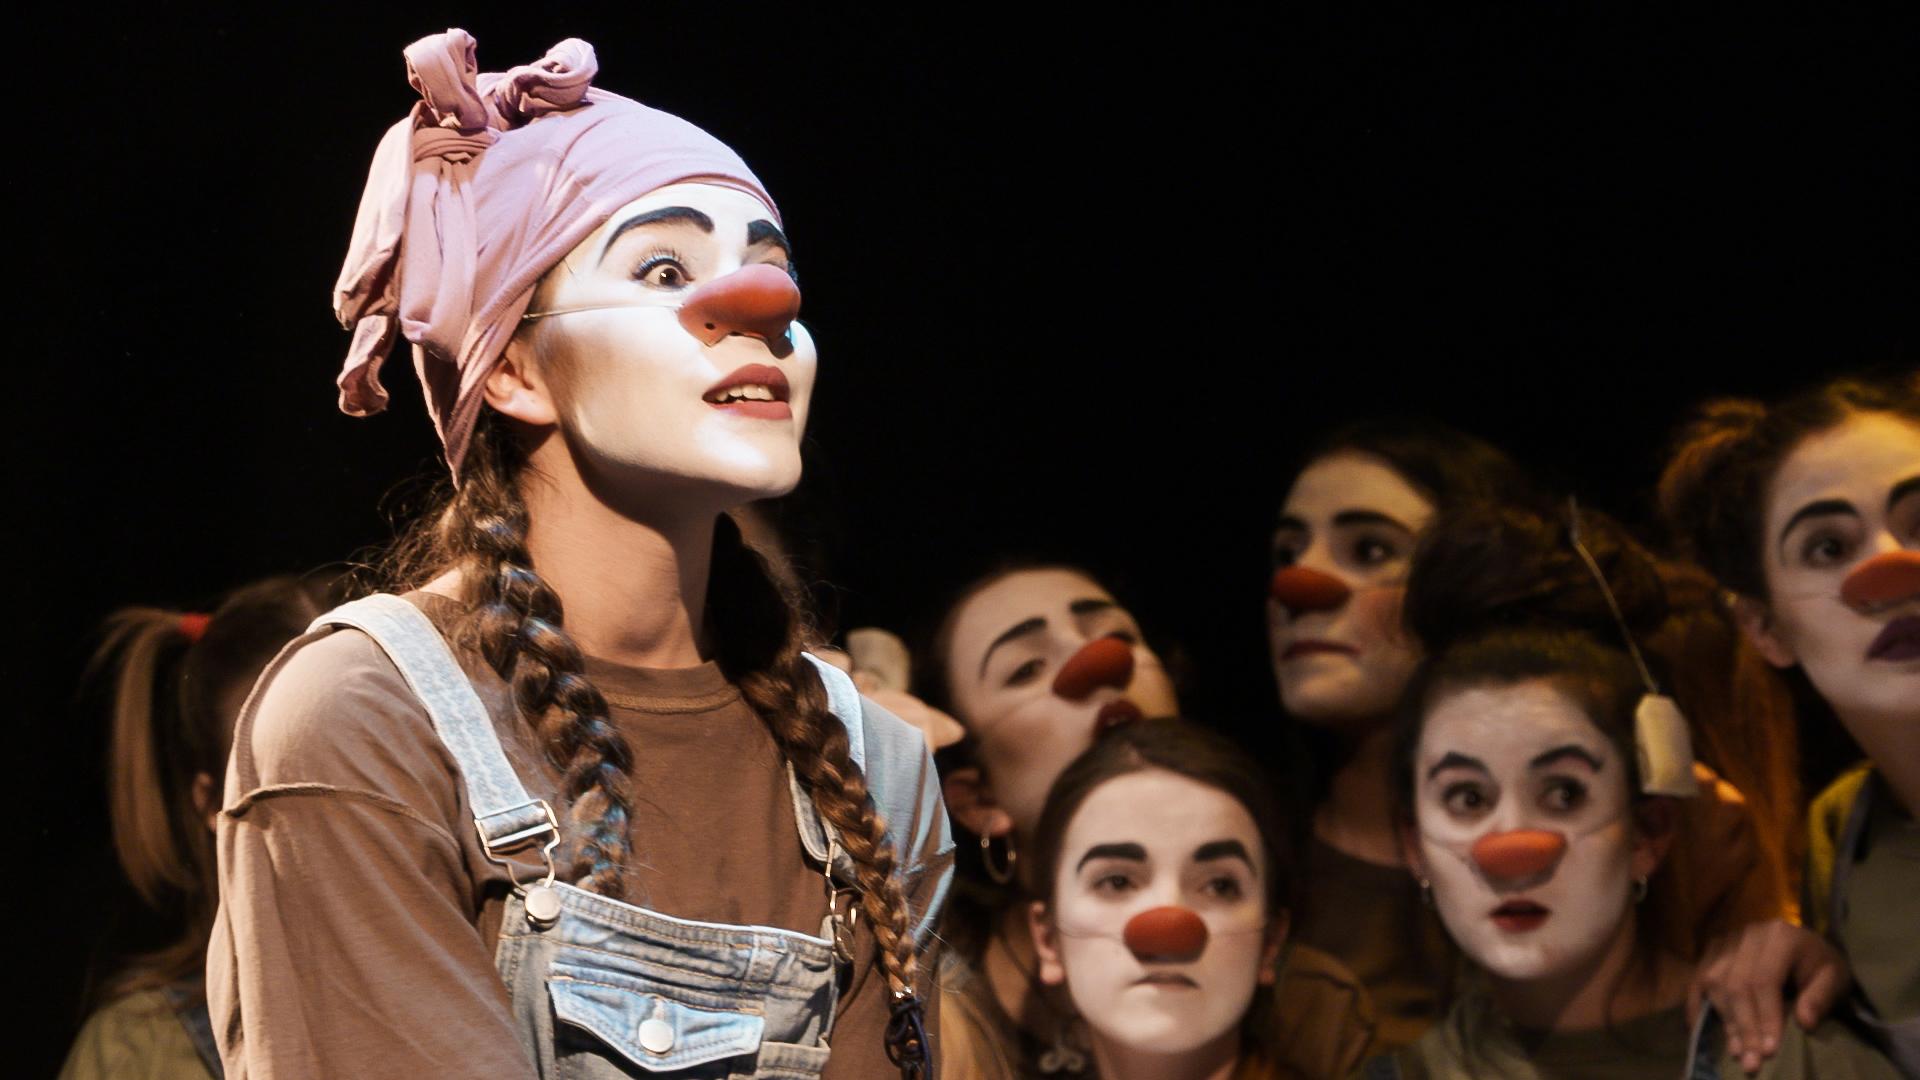 Un lugar al que sí - iría. Giraldo Teatro IES Molina de Aragón (Castilla - La Mancha)